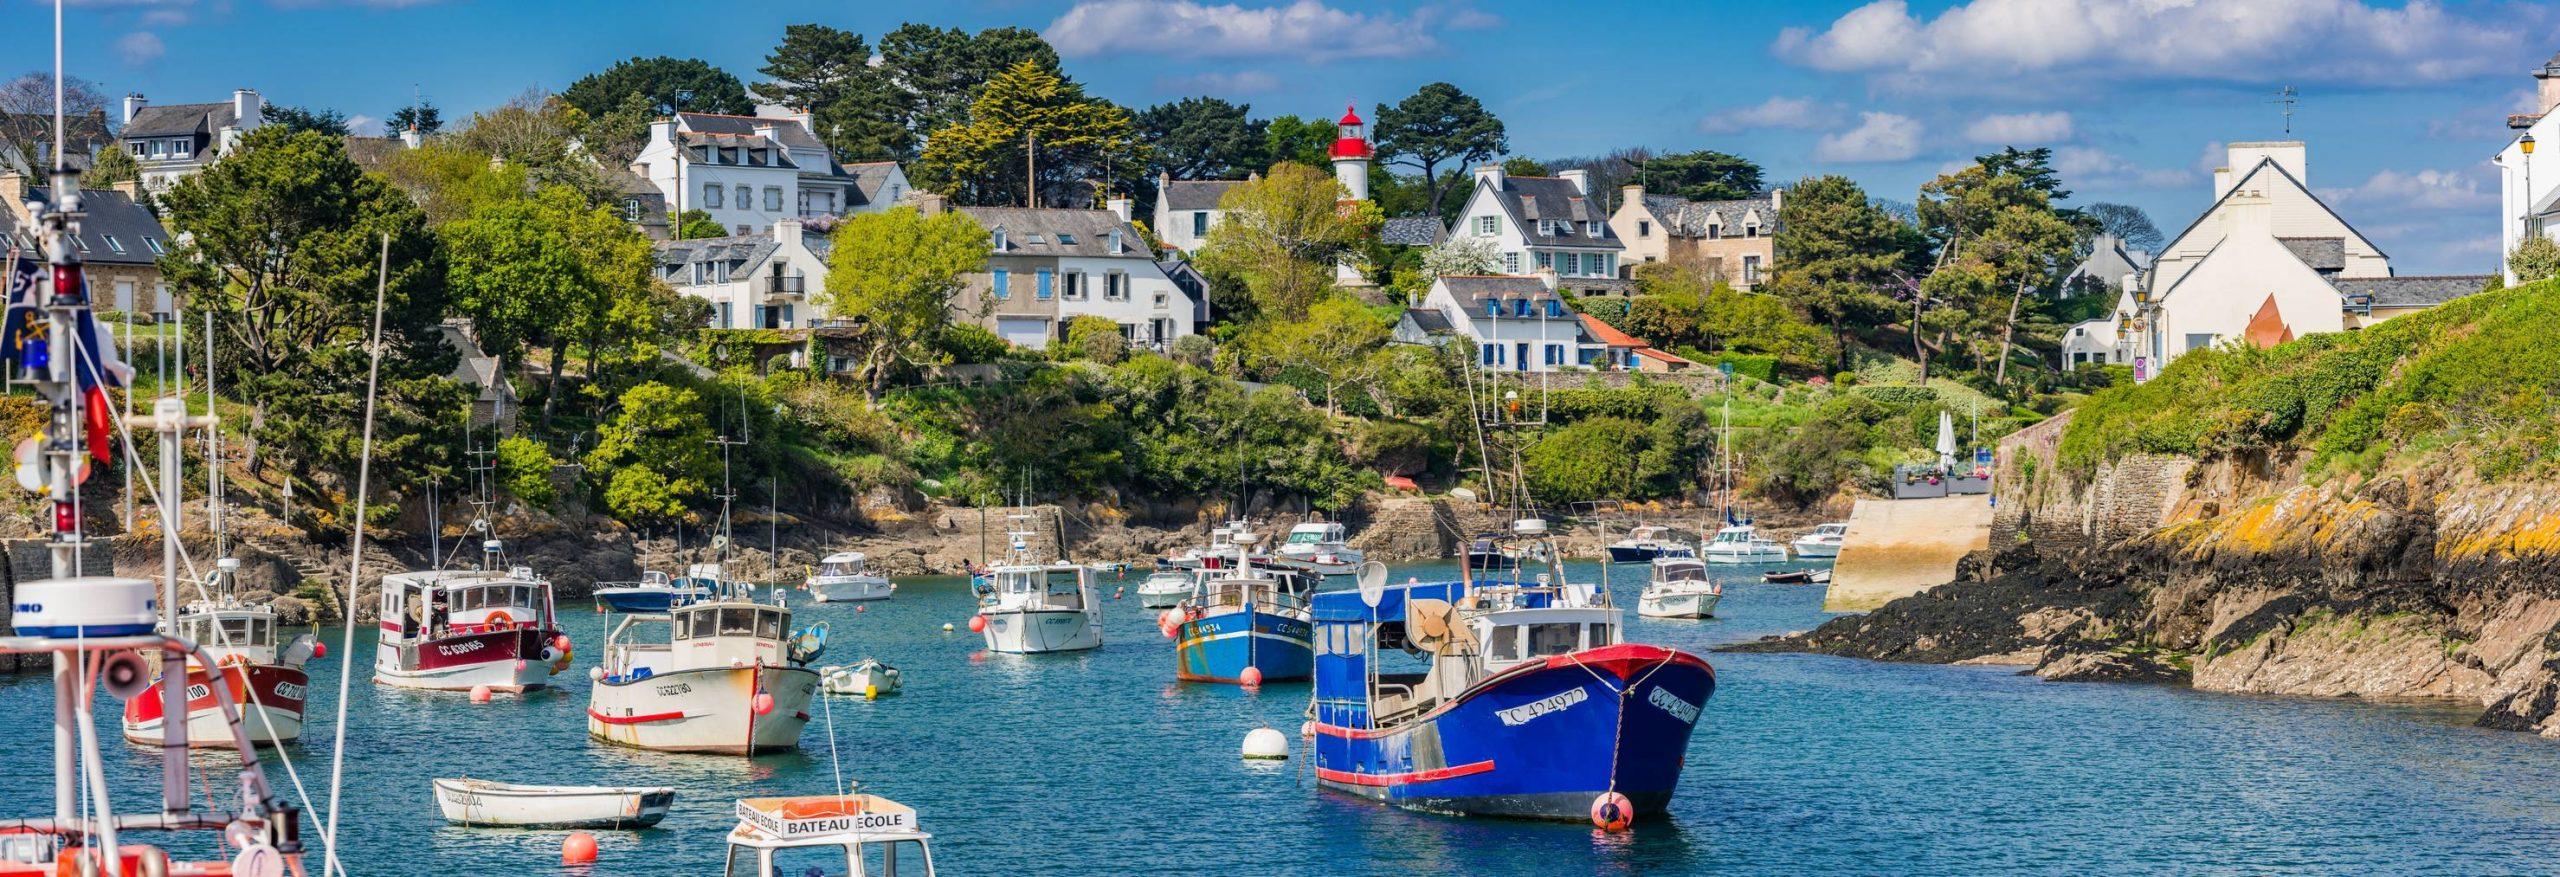 biens immobiliers Finistère